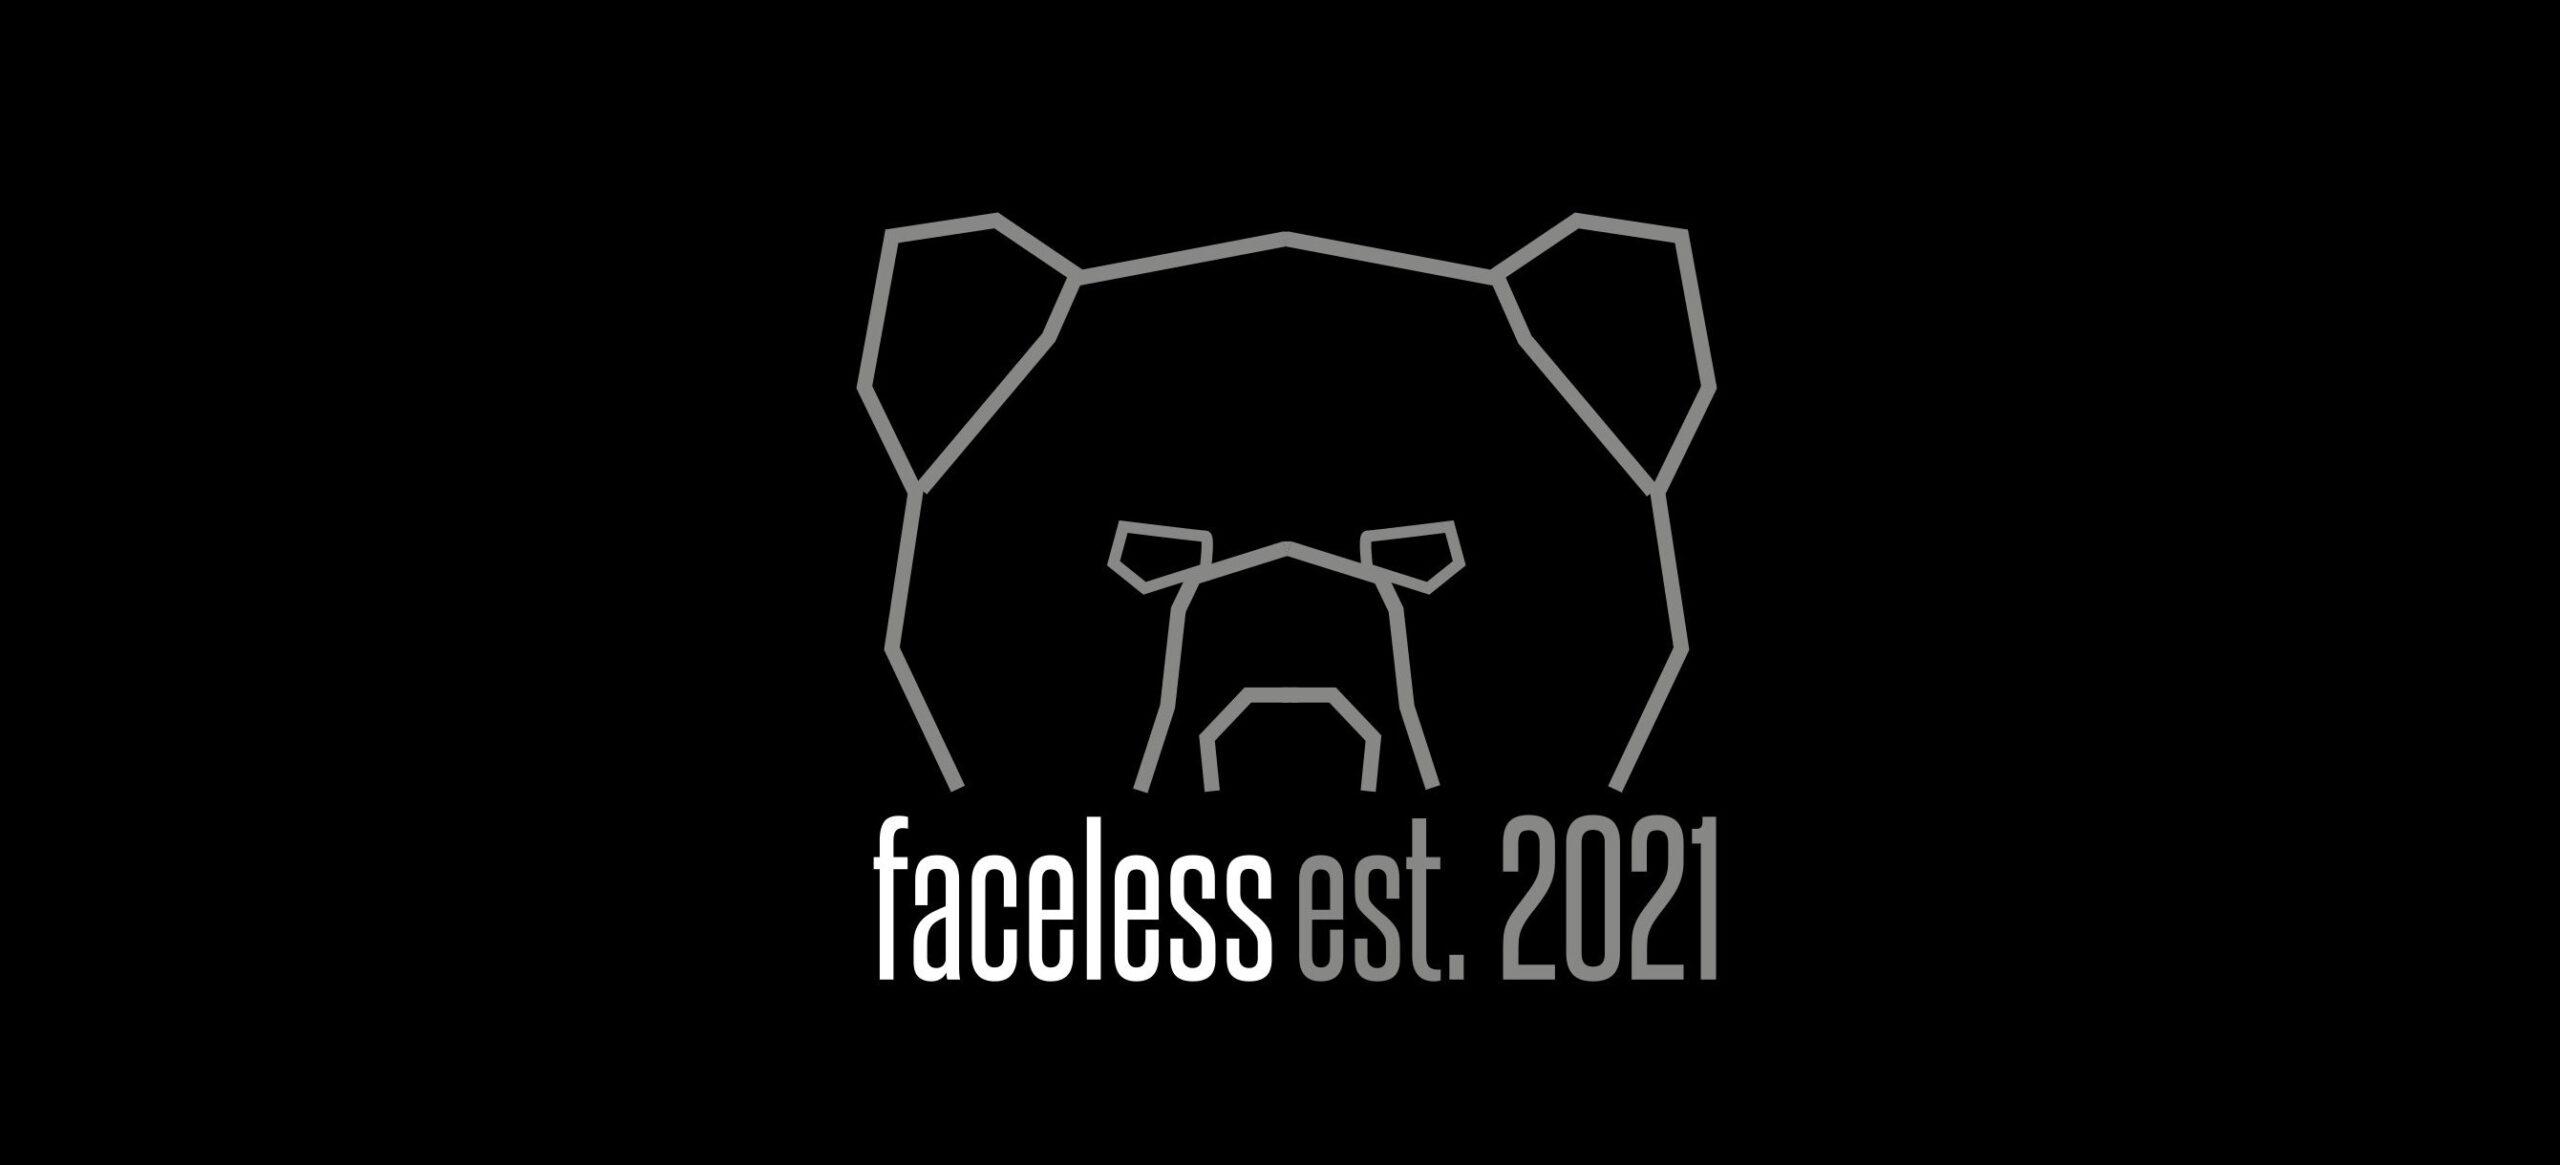 Faceless Streetwear Est. 2021 Logo